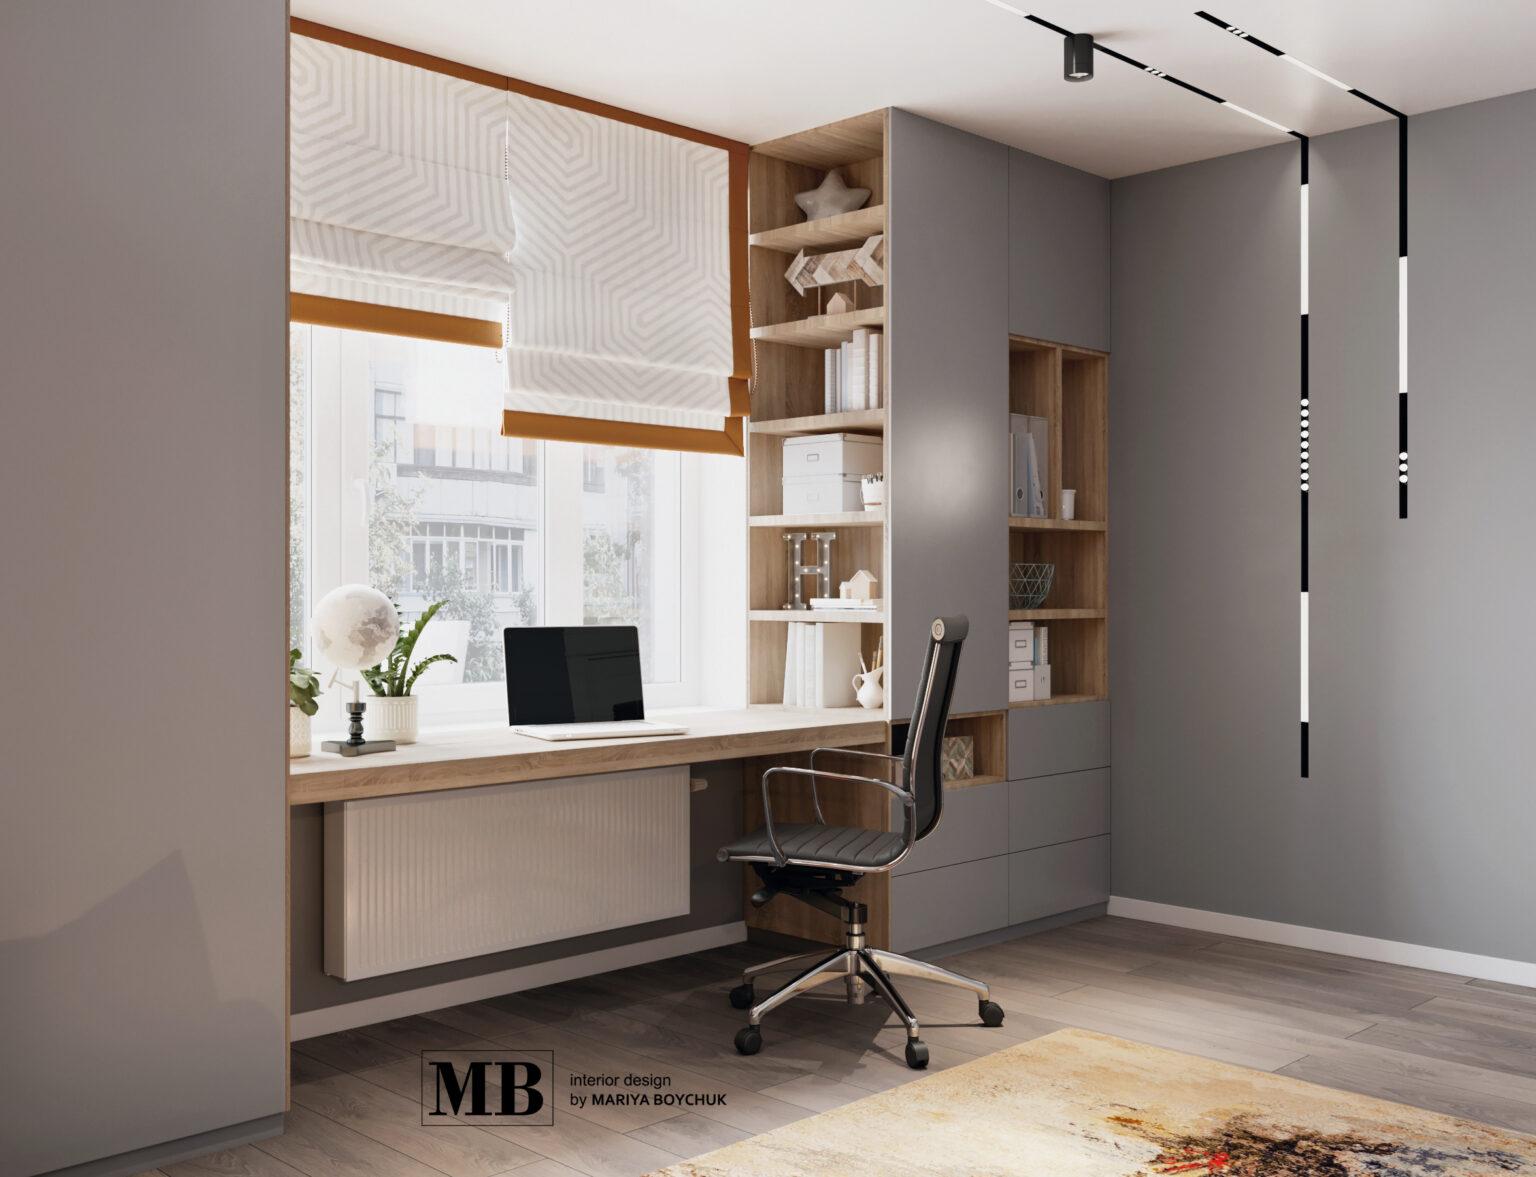 дизайнерский ремонт квартиры в г. Калининград